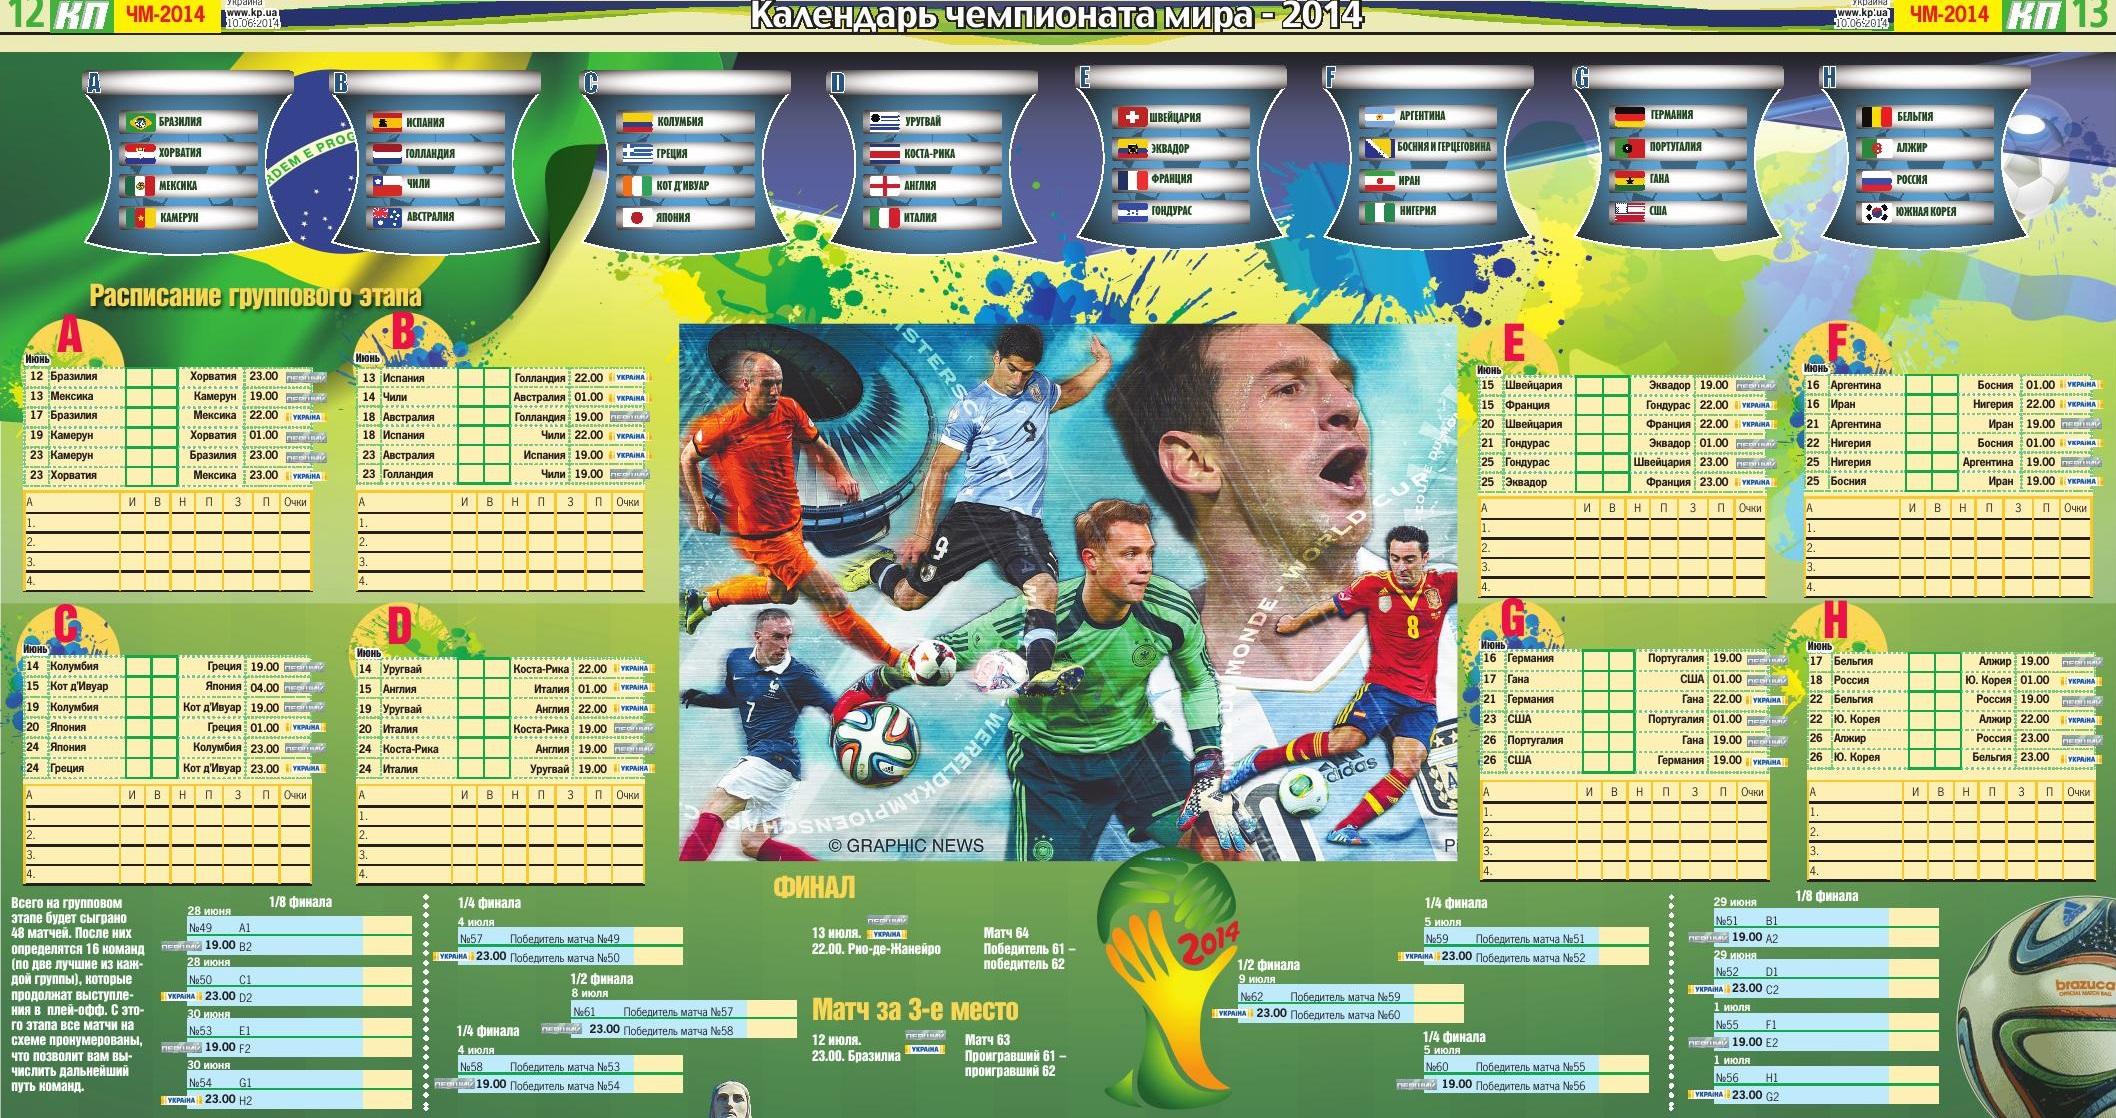 «Футбол Серия А Чемпионат Италии Турнирная Таблица» — 1988